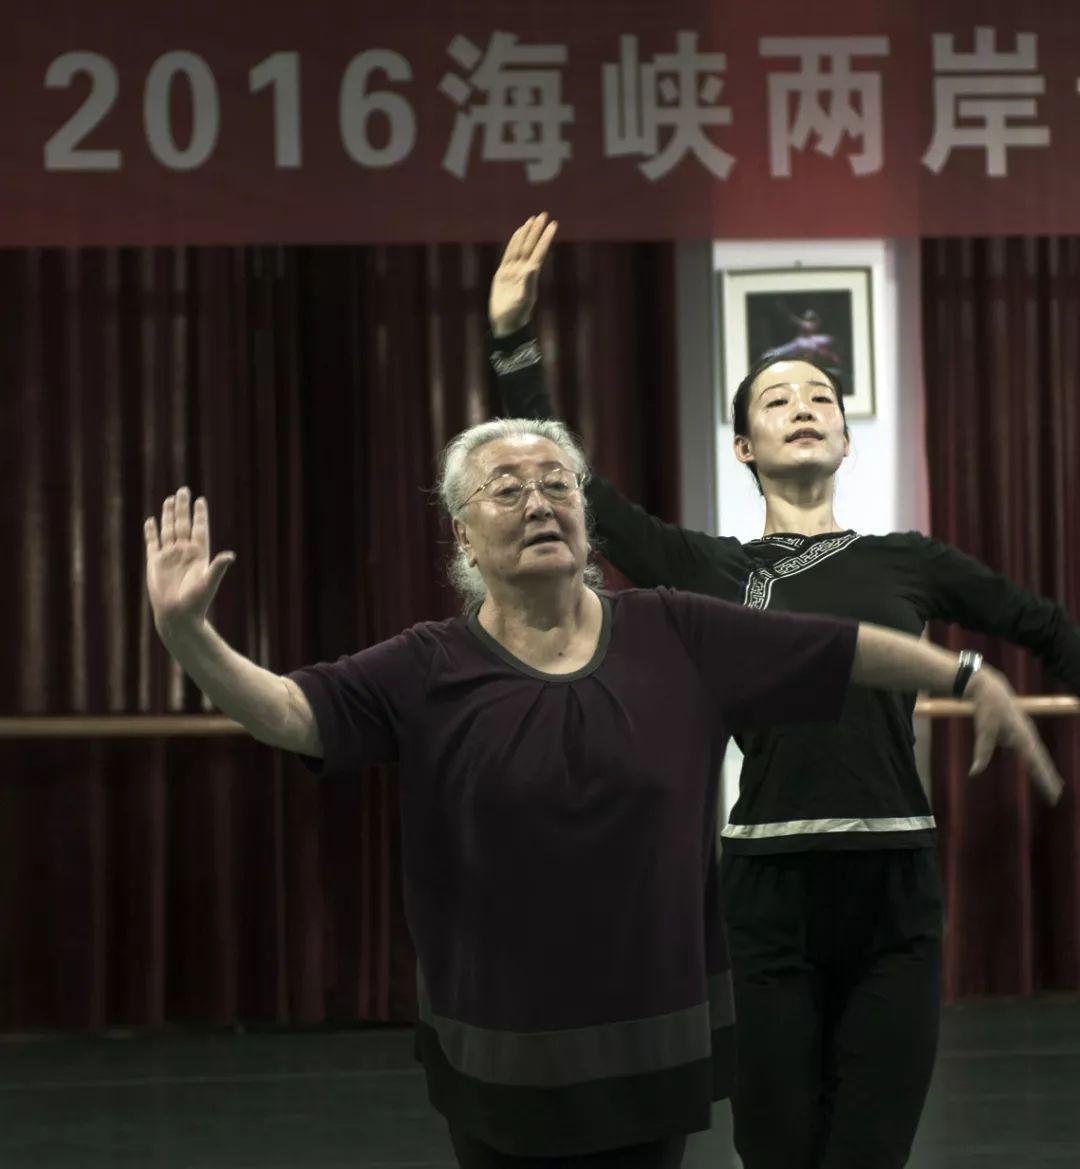 内蒙古舞蹈名家系列之——斯琴塔日哈 第17张